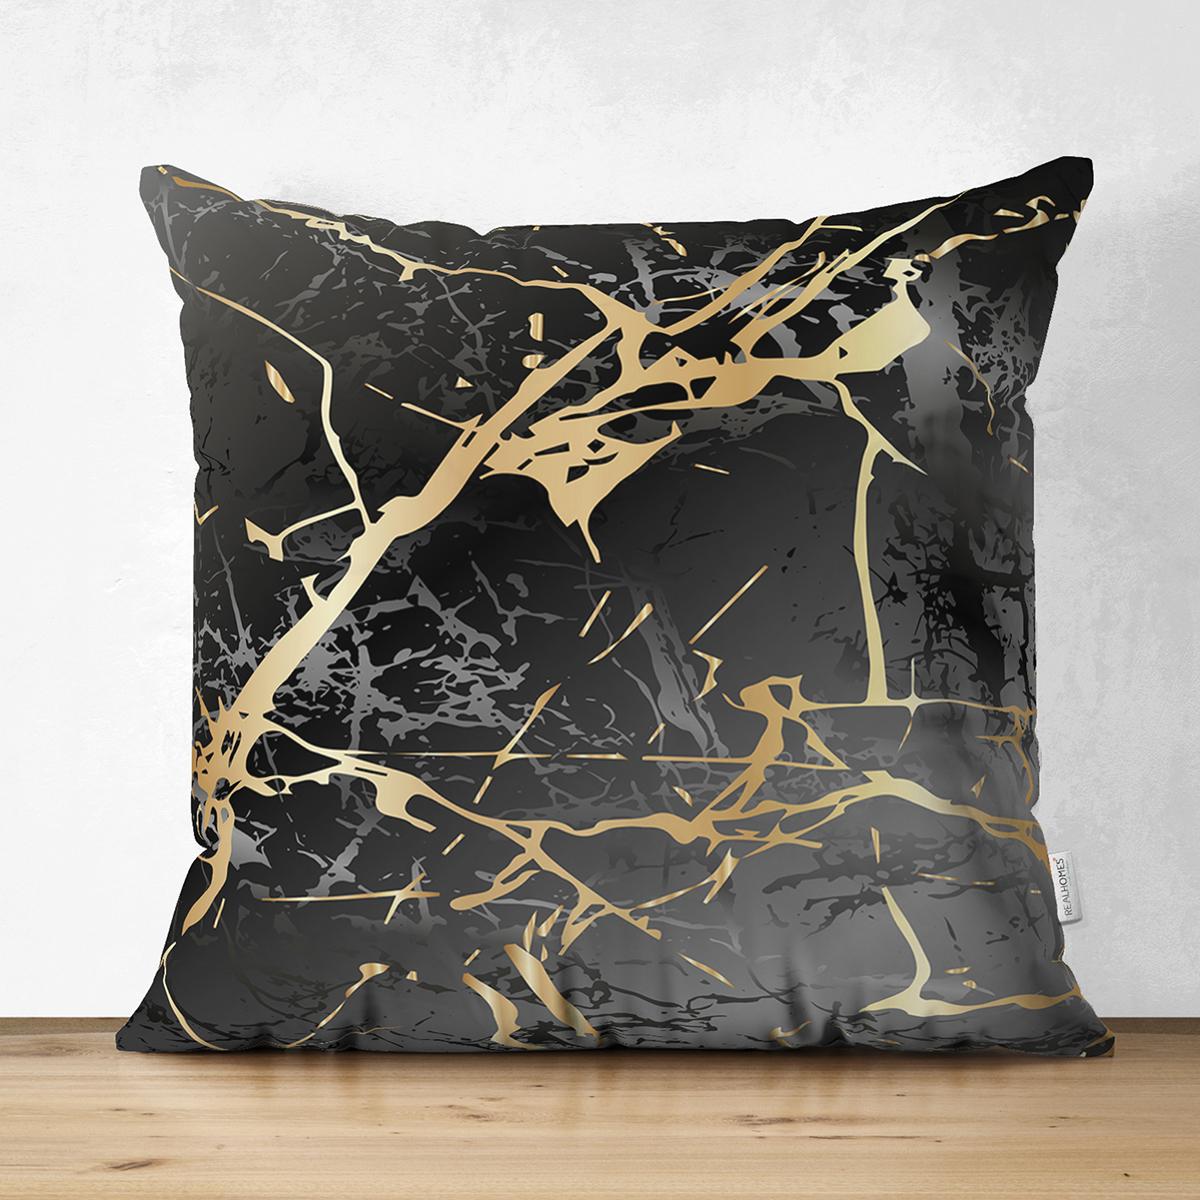 Çift Taraflı Siyah Zeminde Gold Renkli Çizim Desenli Dijital Baskılı Modern Süet Yastık Kılıfı Realhomes